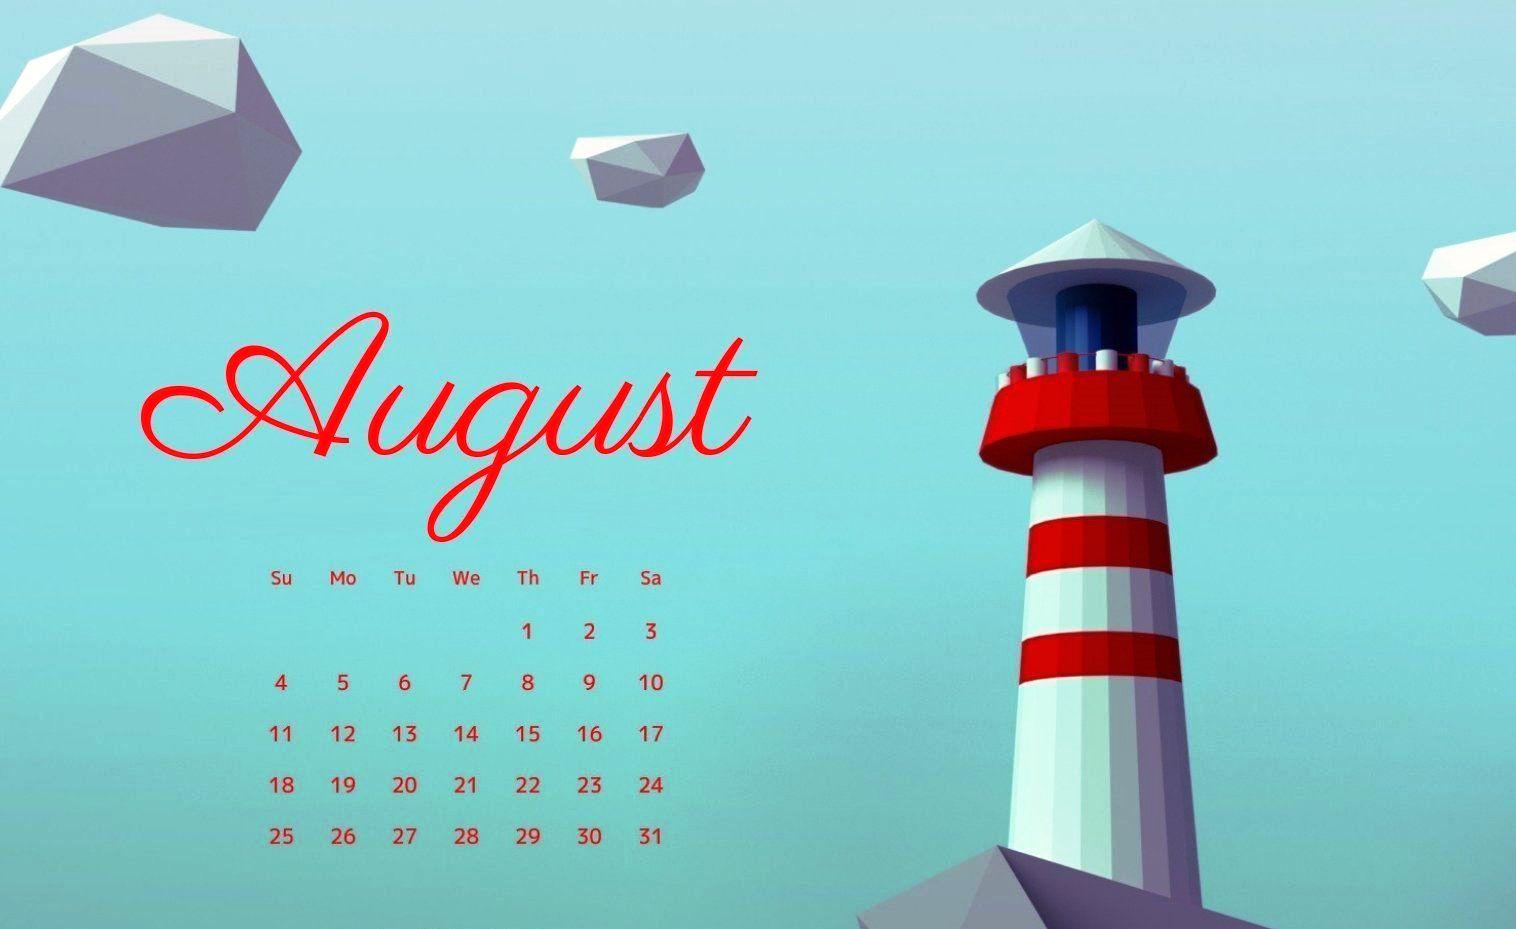 August 2019 Calendar Wallpaper for Desktop